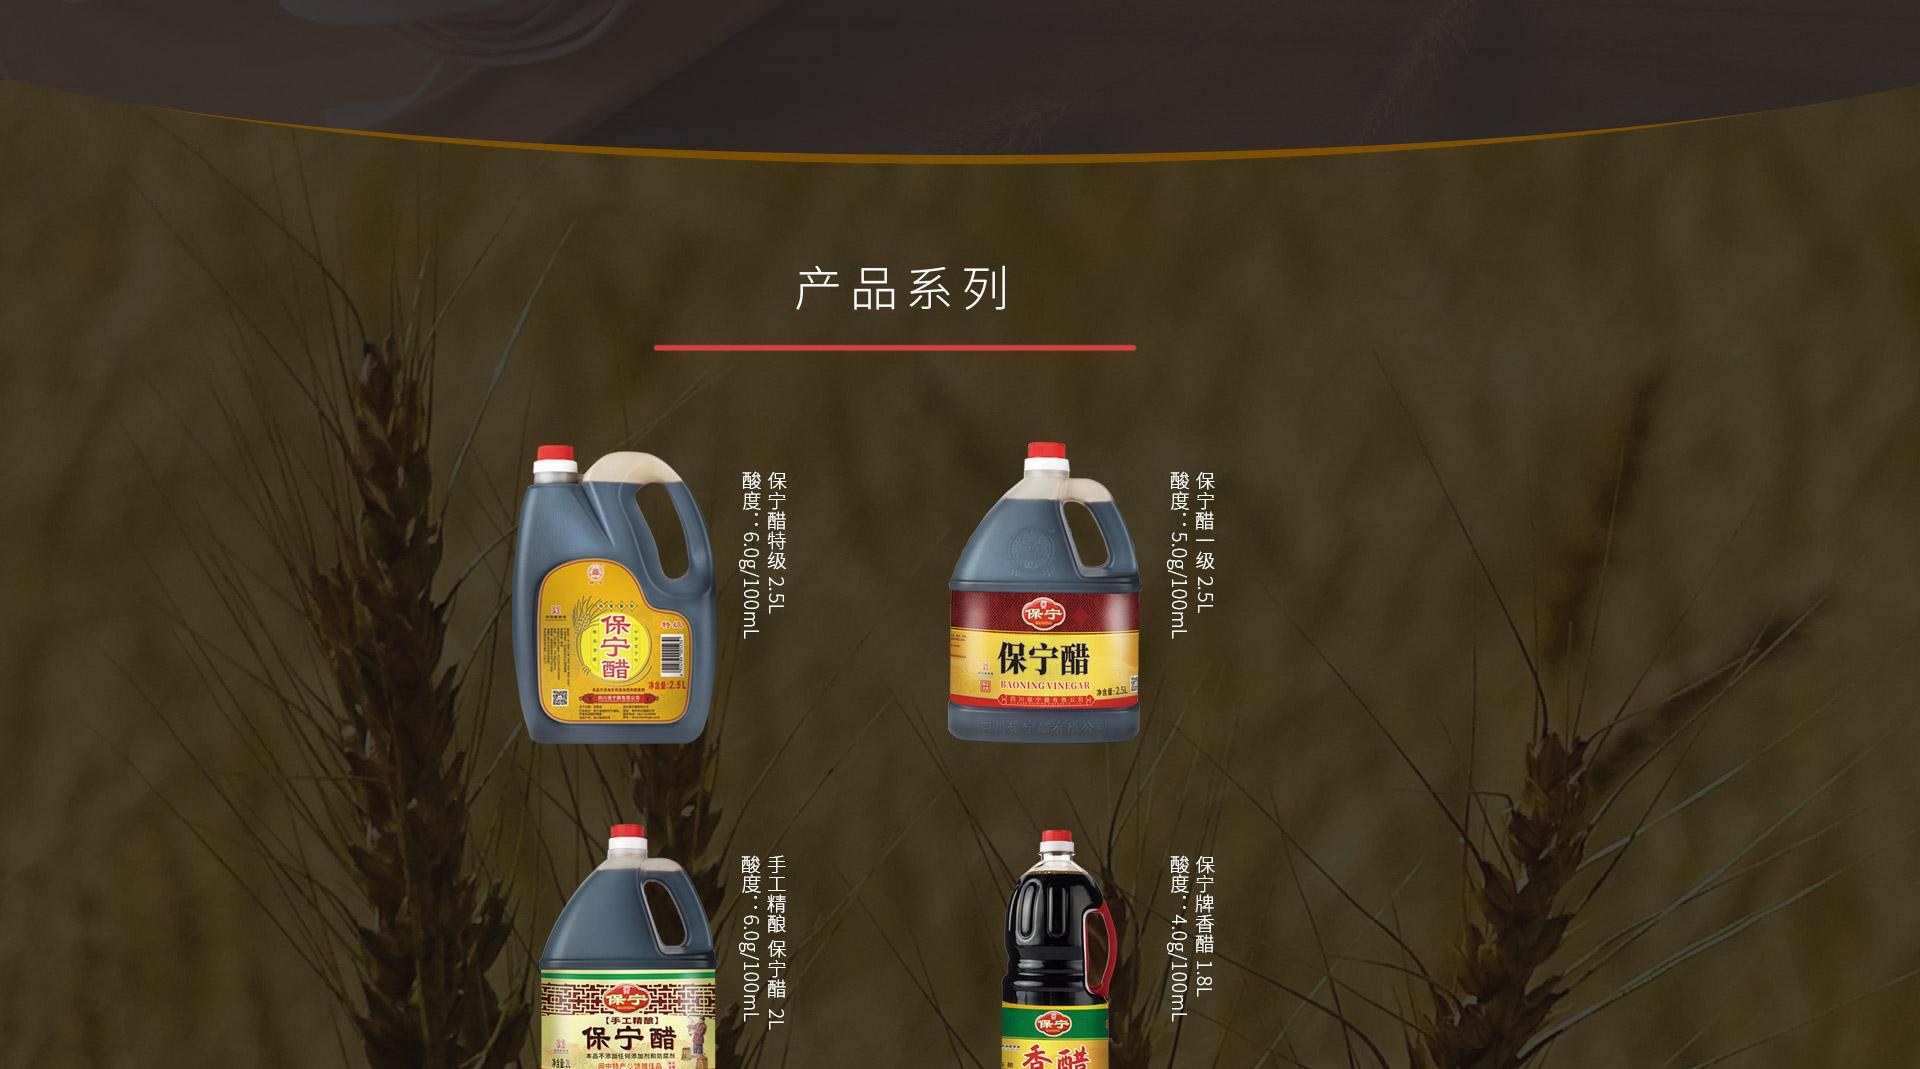 产品-壶装_05.jpg